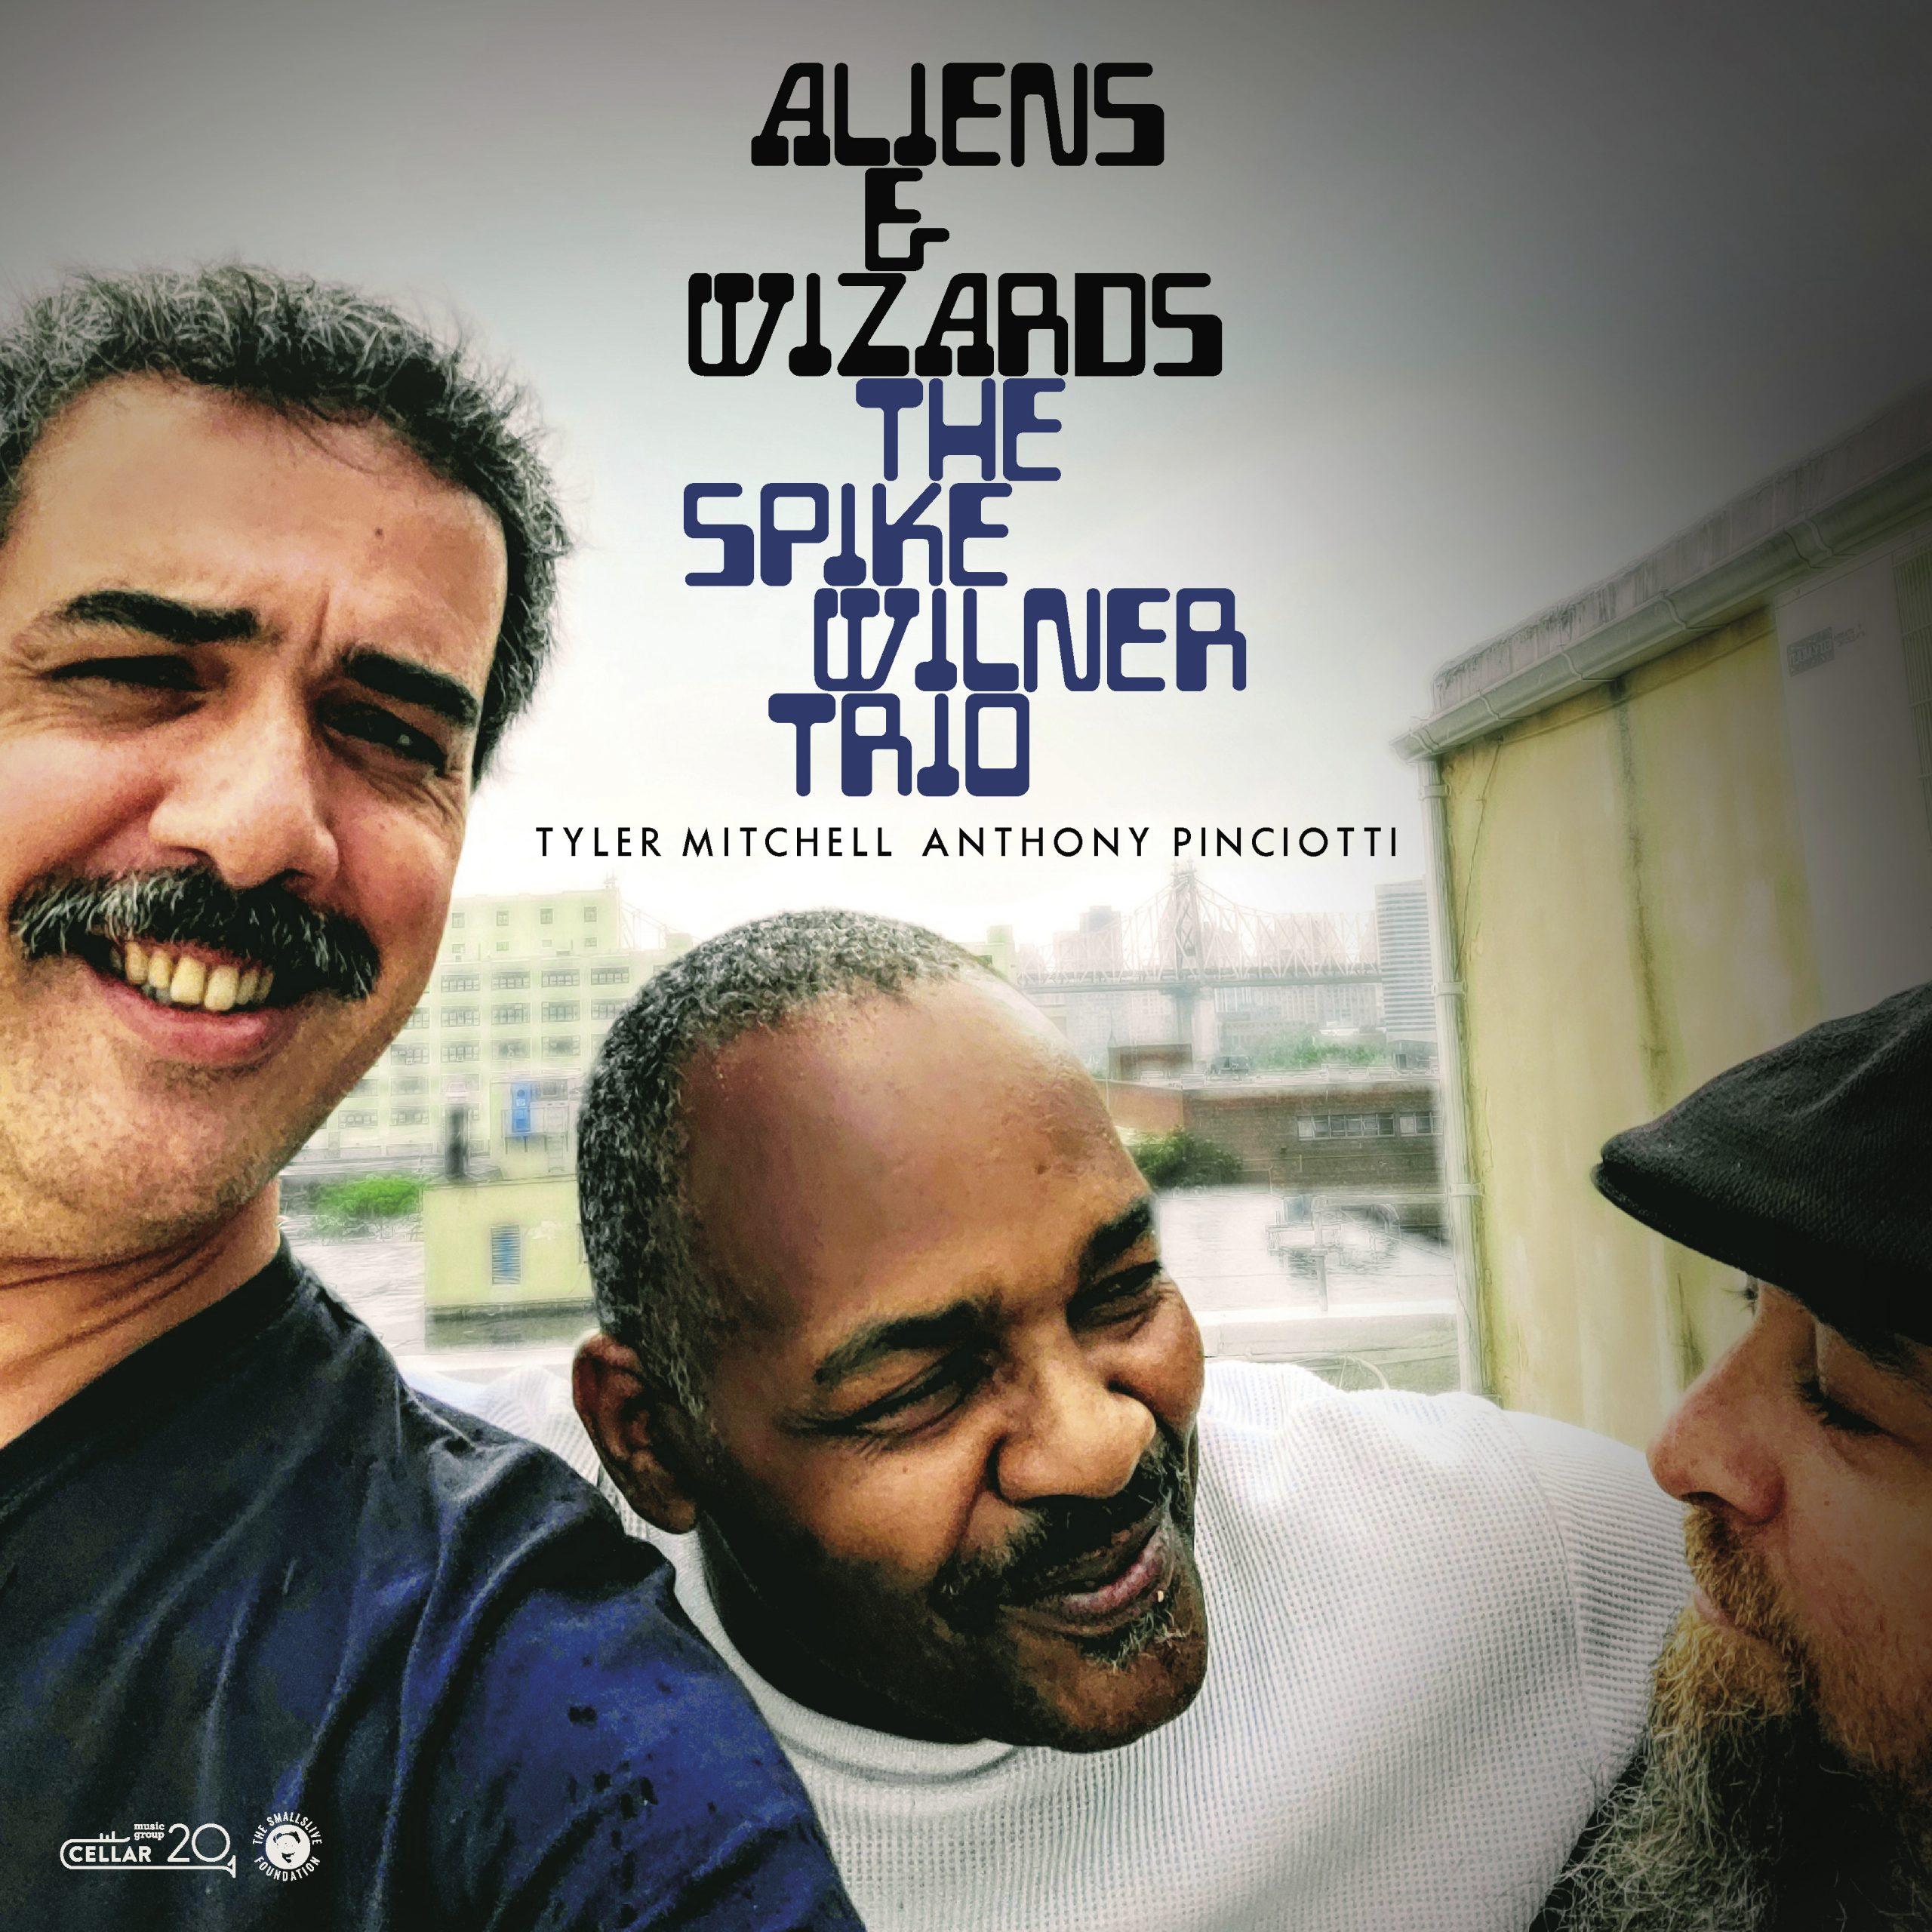 """LLP LATINO: Spike Wilner Trio """"Aliens & Wizards"""" – La Habitación Del Jazz"""